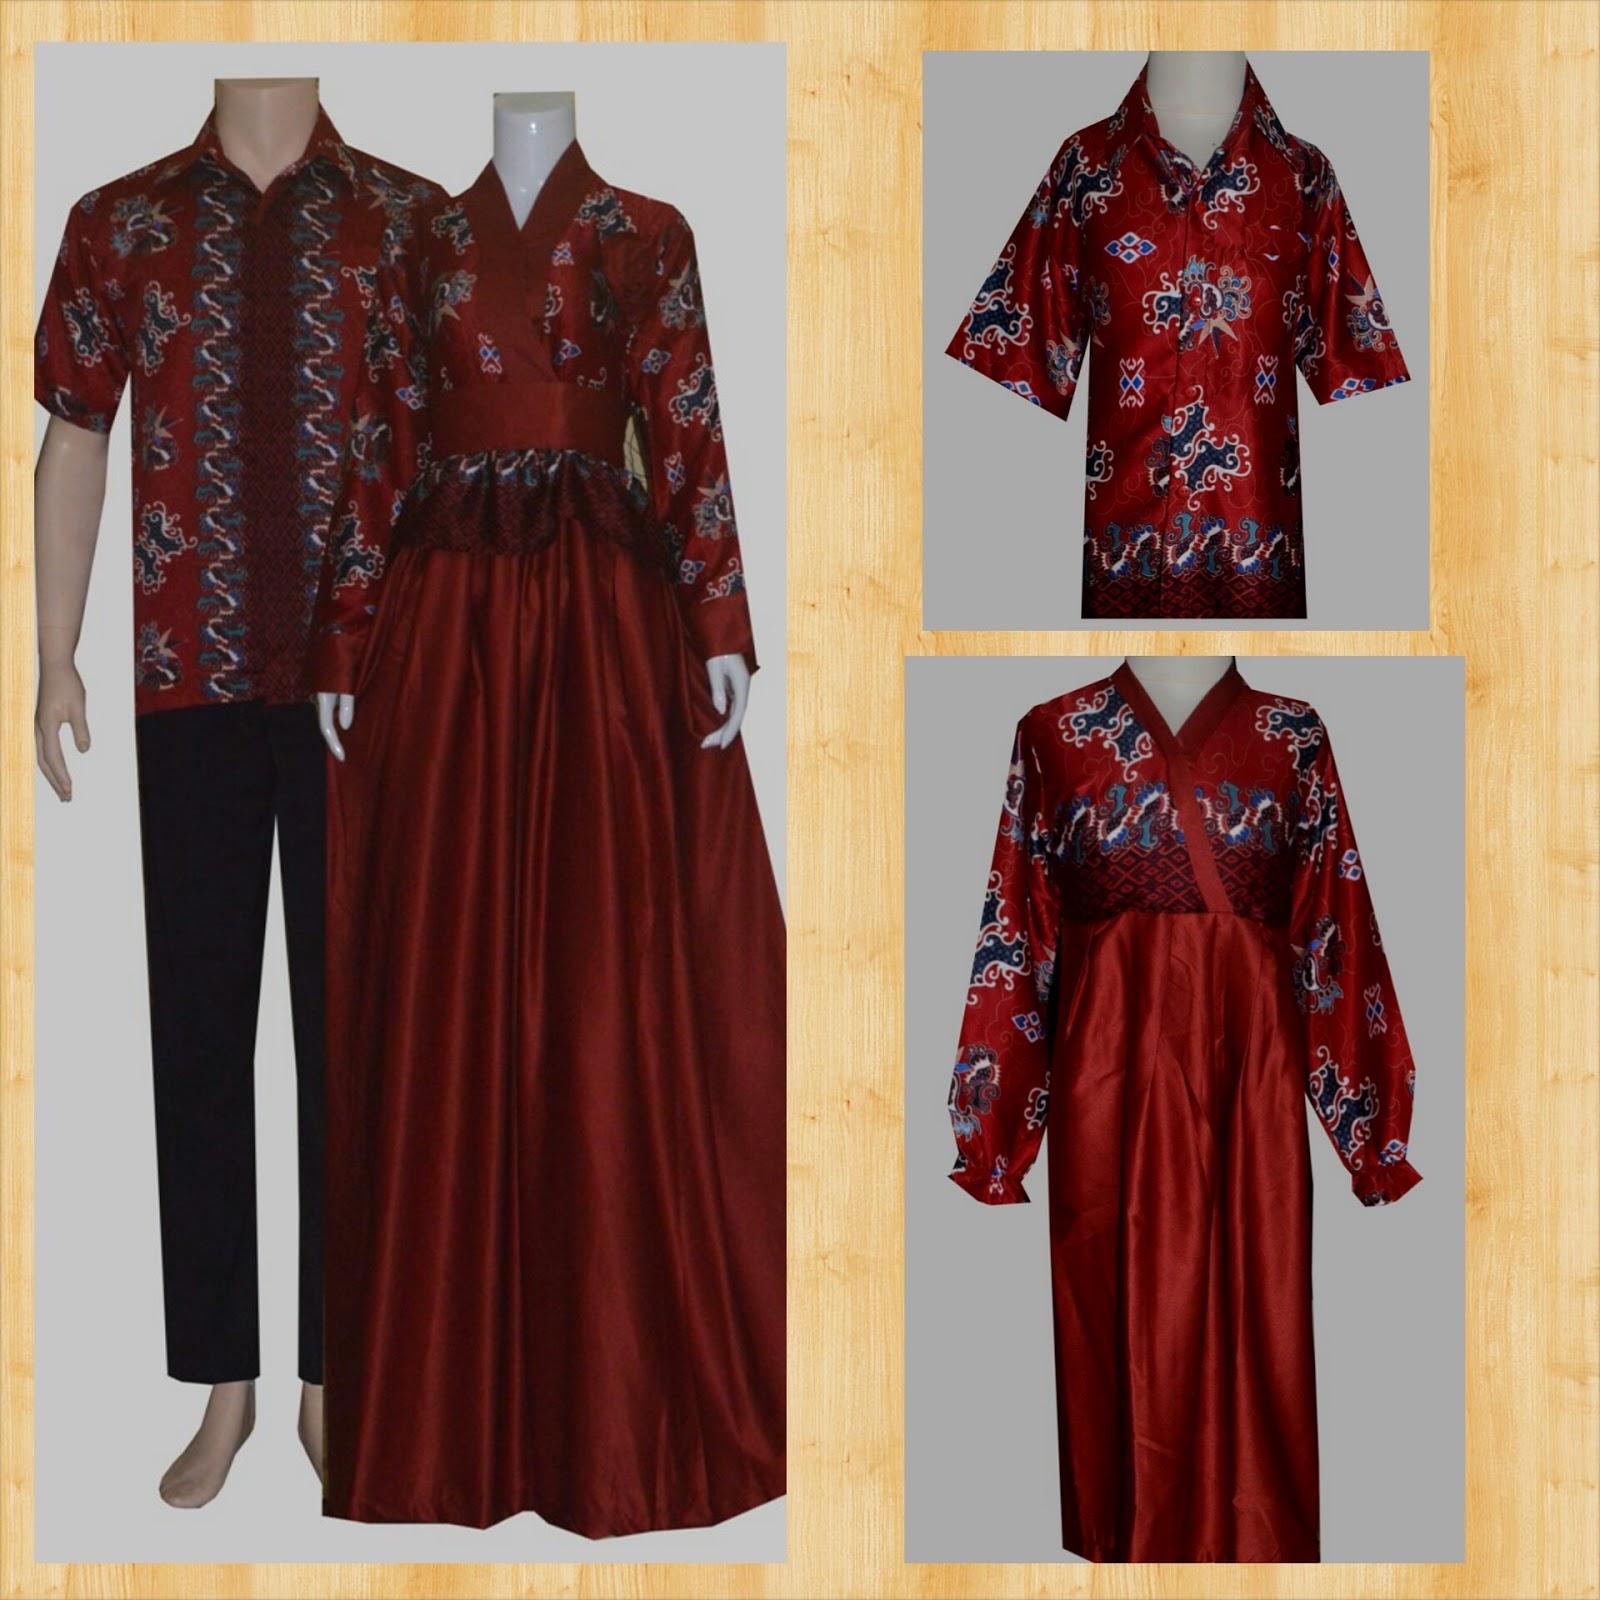 Jual Sarimbit Batik Baju Sarimbit Keluarga Couple Gamis Batik Seragam